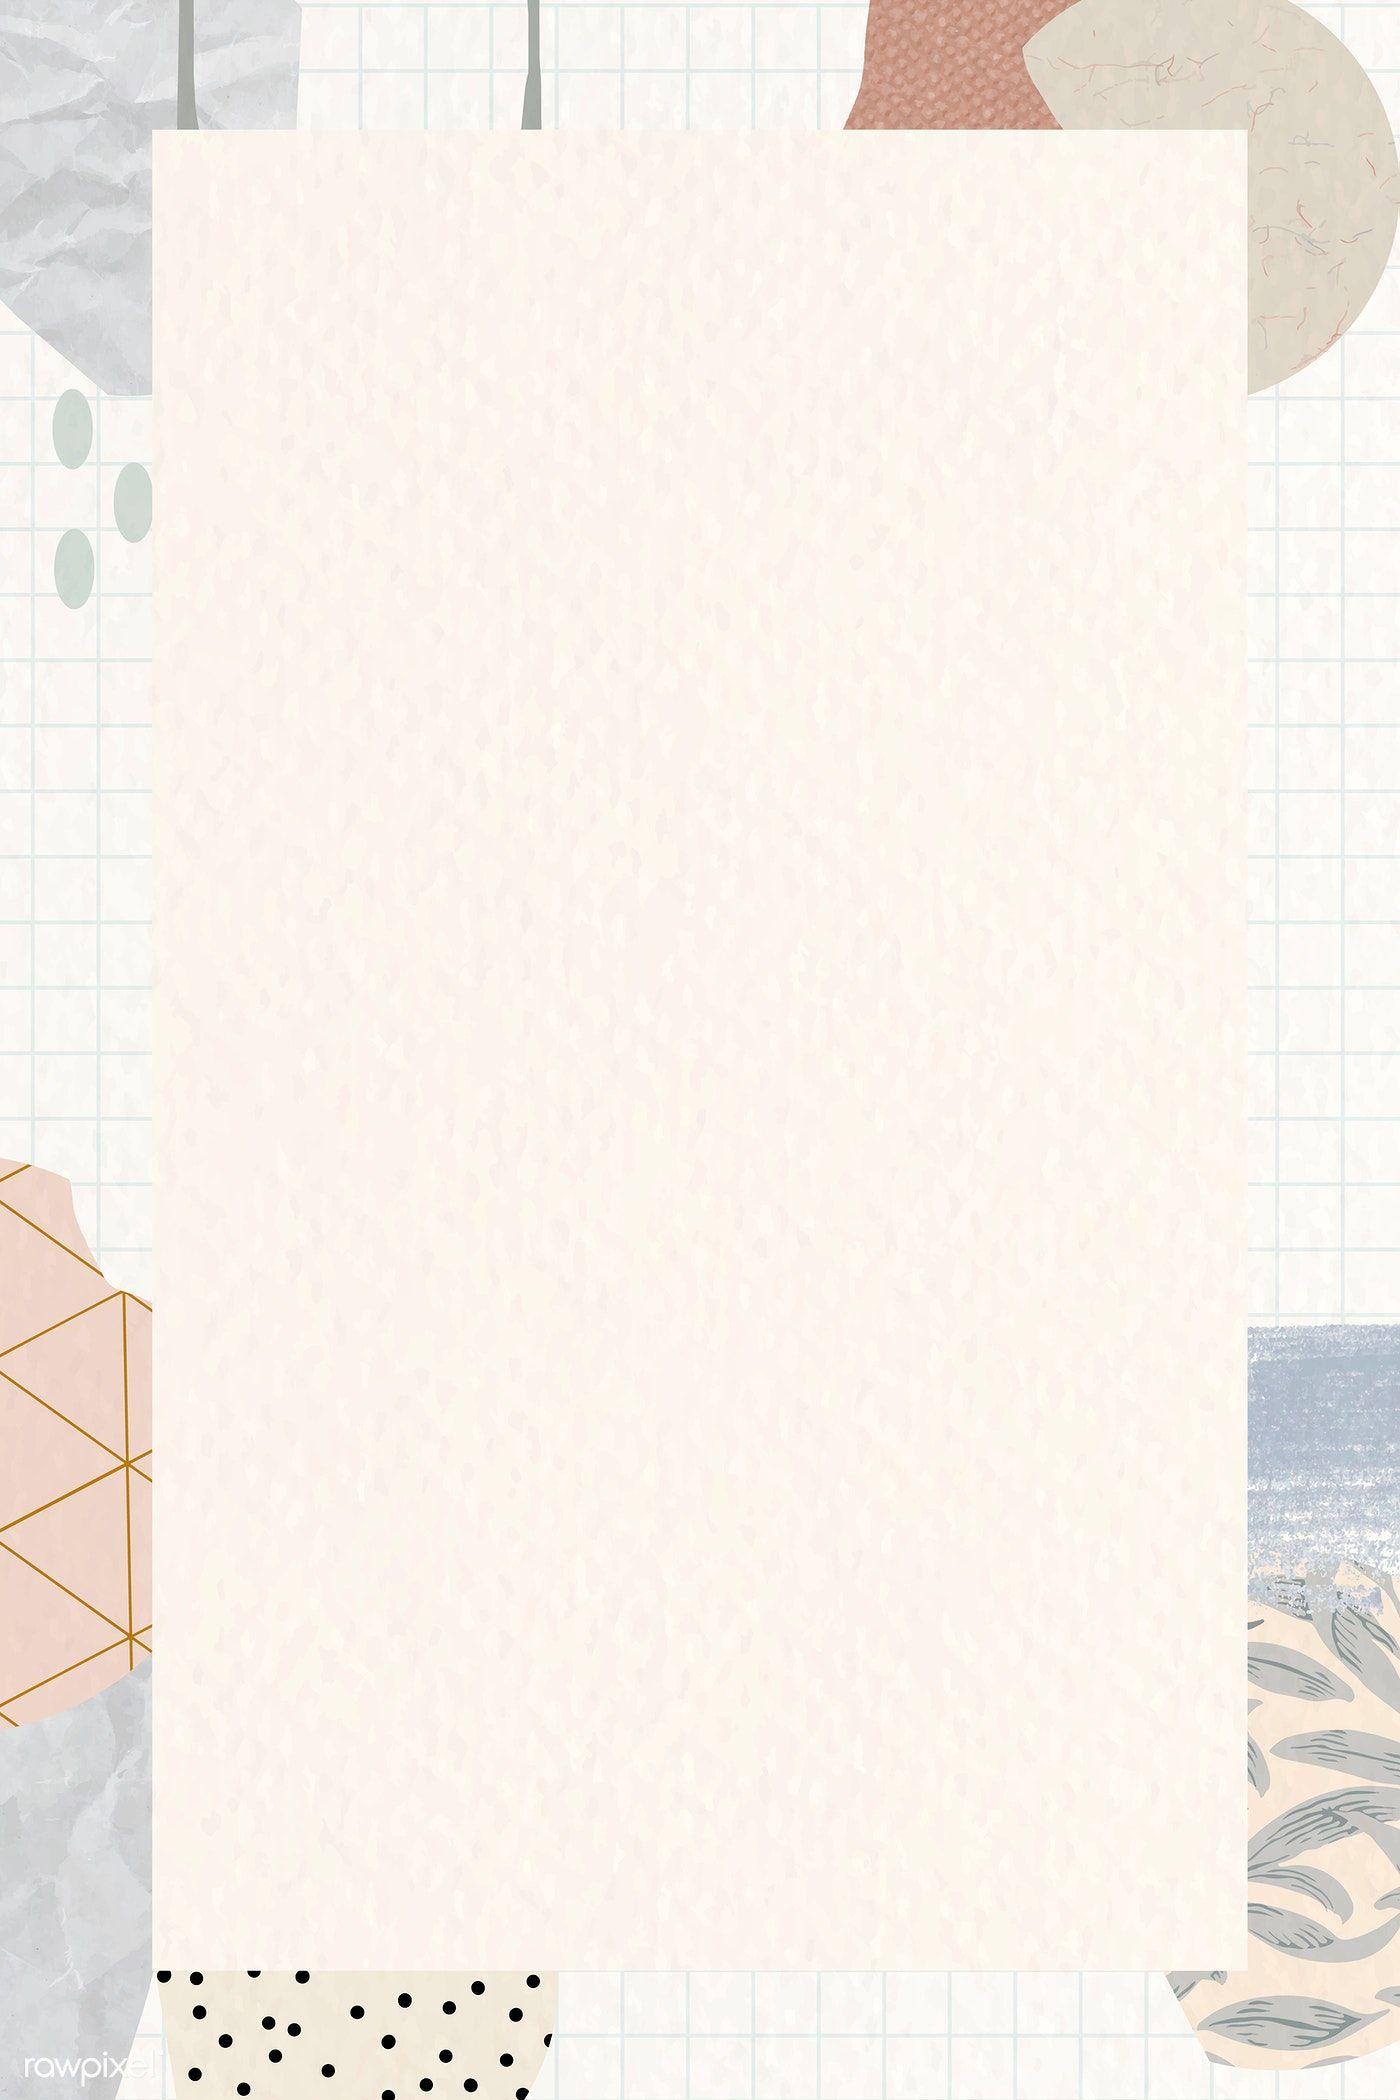 Download premium vector of Terrazzo frame on beige